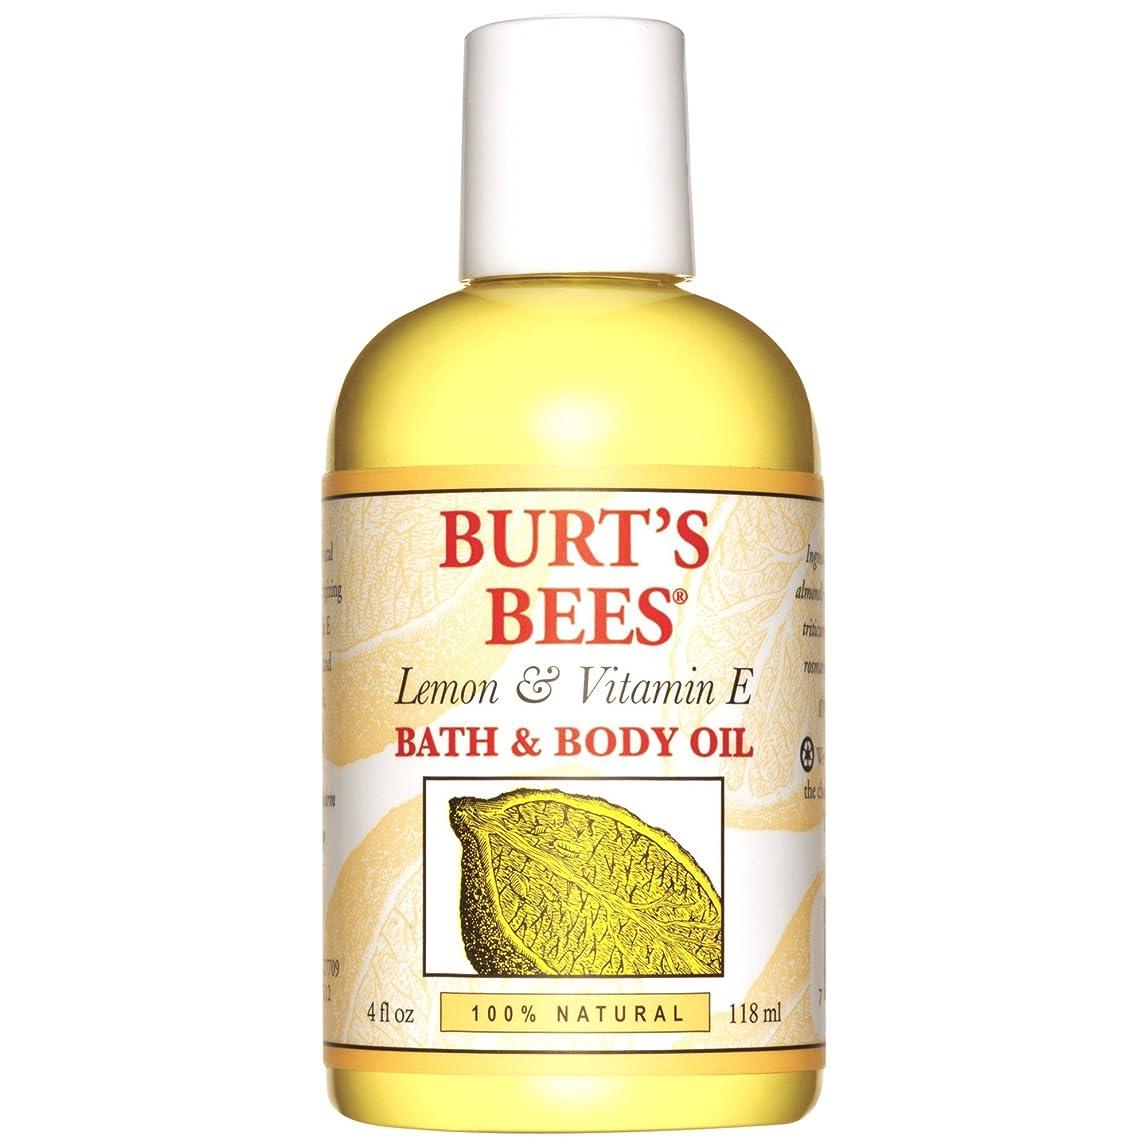 六中にやけどバーツビーレモンとビタミンEバス、ボディオイル118ミリリットル (Burt's Bees) - Burt's Bees Lemon and Vitamin E Bath and Body Oil 118ml [並行輸入品]